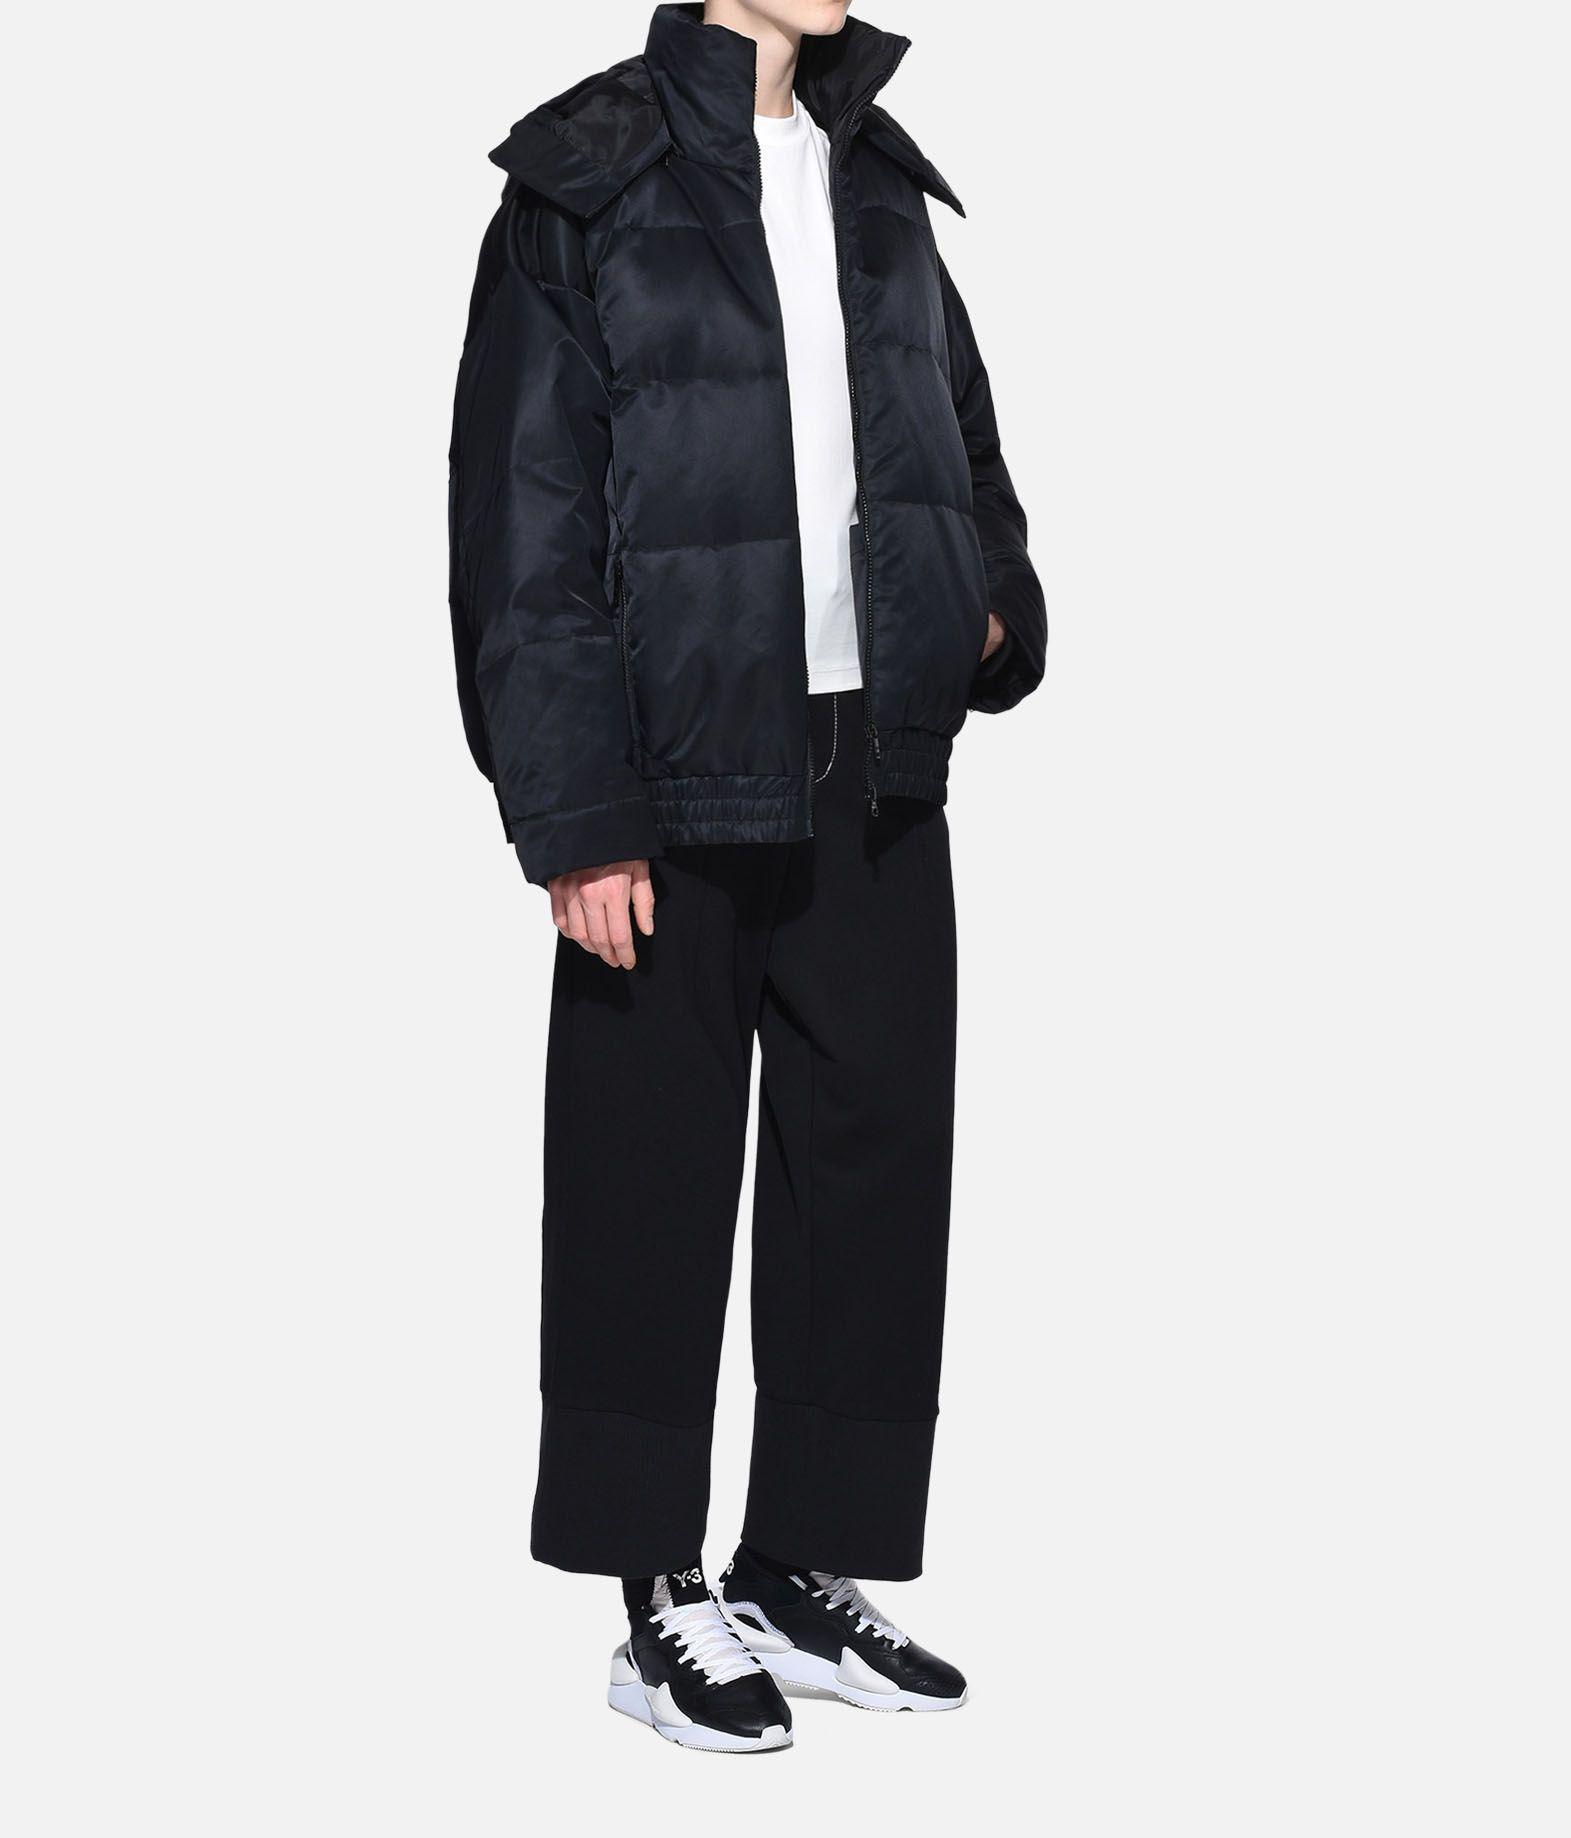 Y-3 Y-3 Down Hoodie Jacket Пуховик Для Женщин a